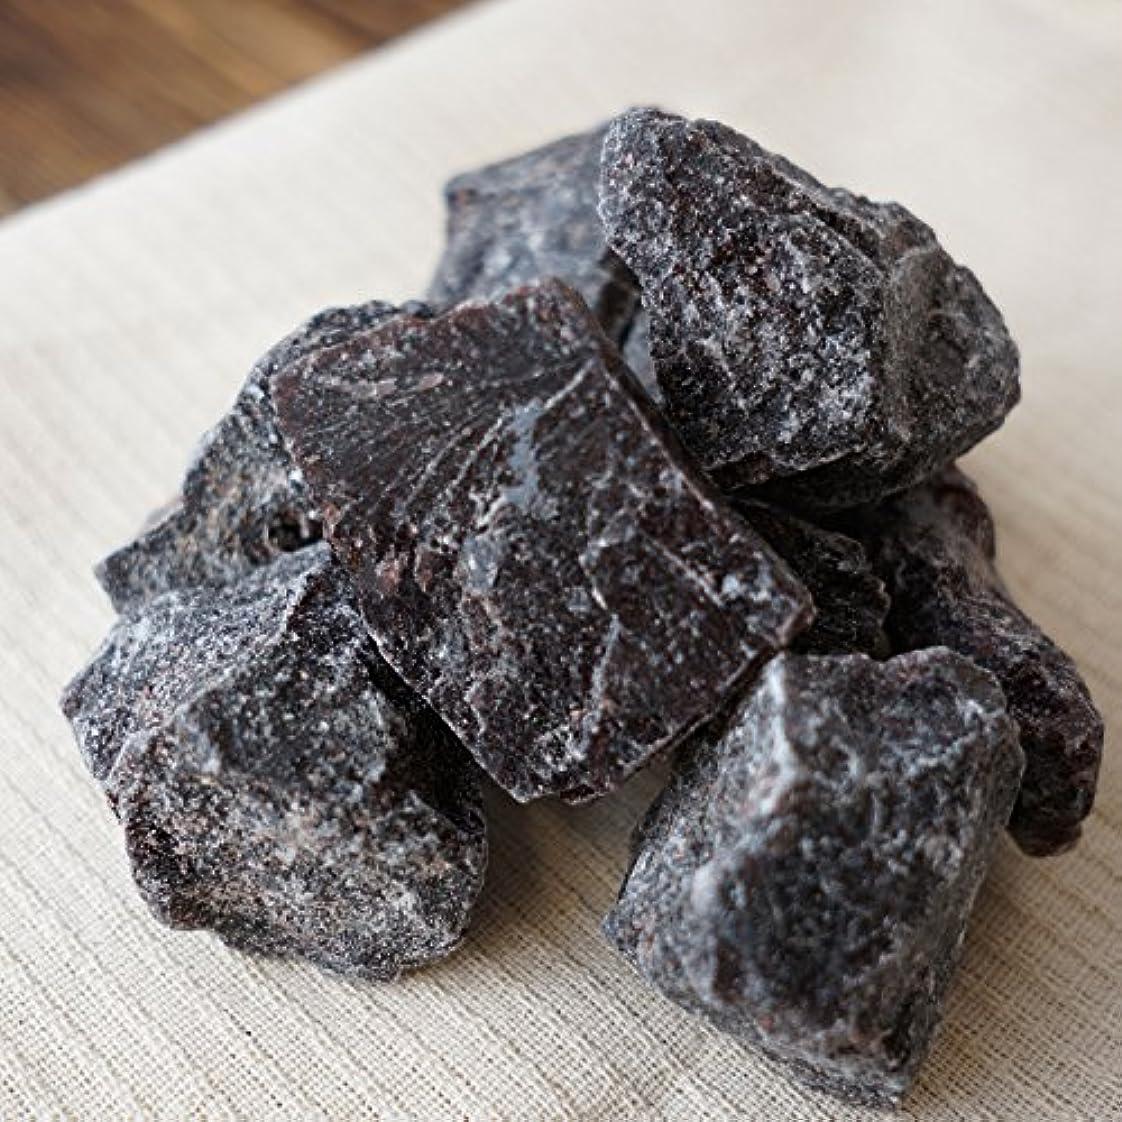 くつろぎ費やす副詞希少 インド岩塩 ルビー ブロック 約2-5cm 20kg 20,000g 原料